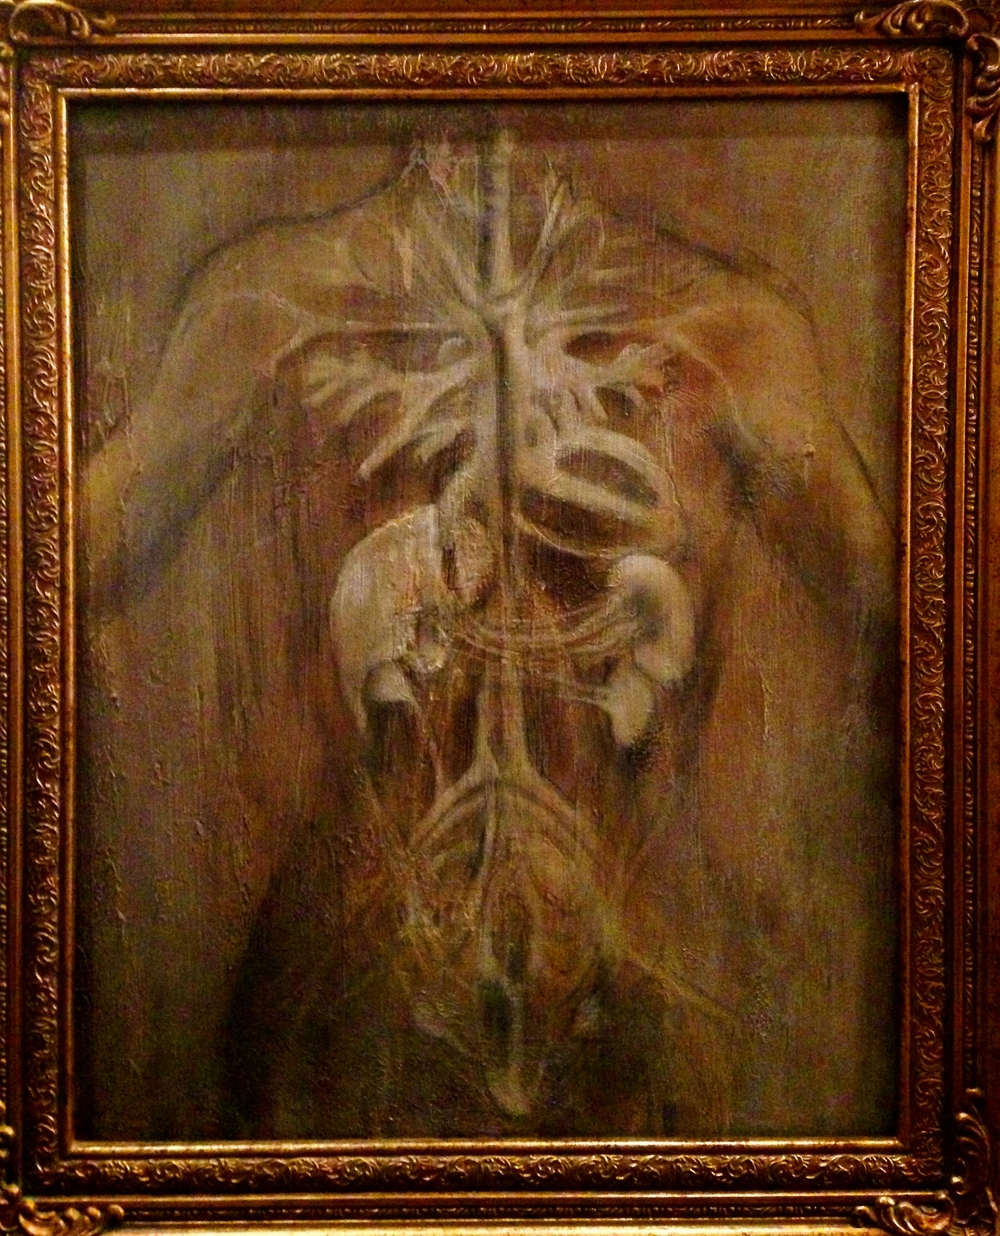 (framed)Artonomy, 2016 Mixed media on canvas